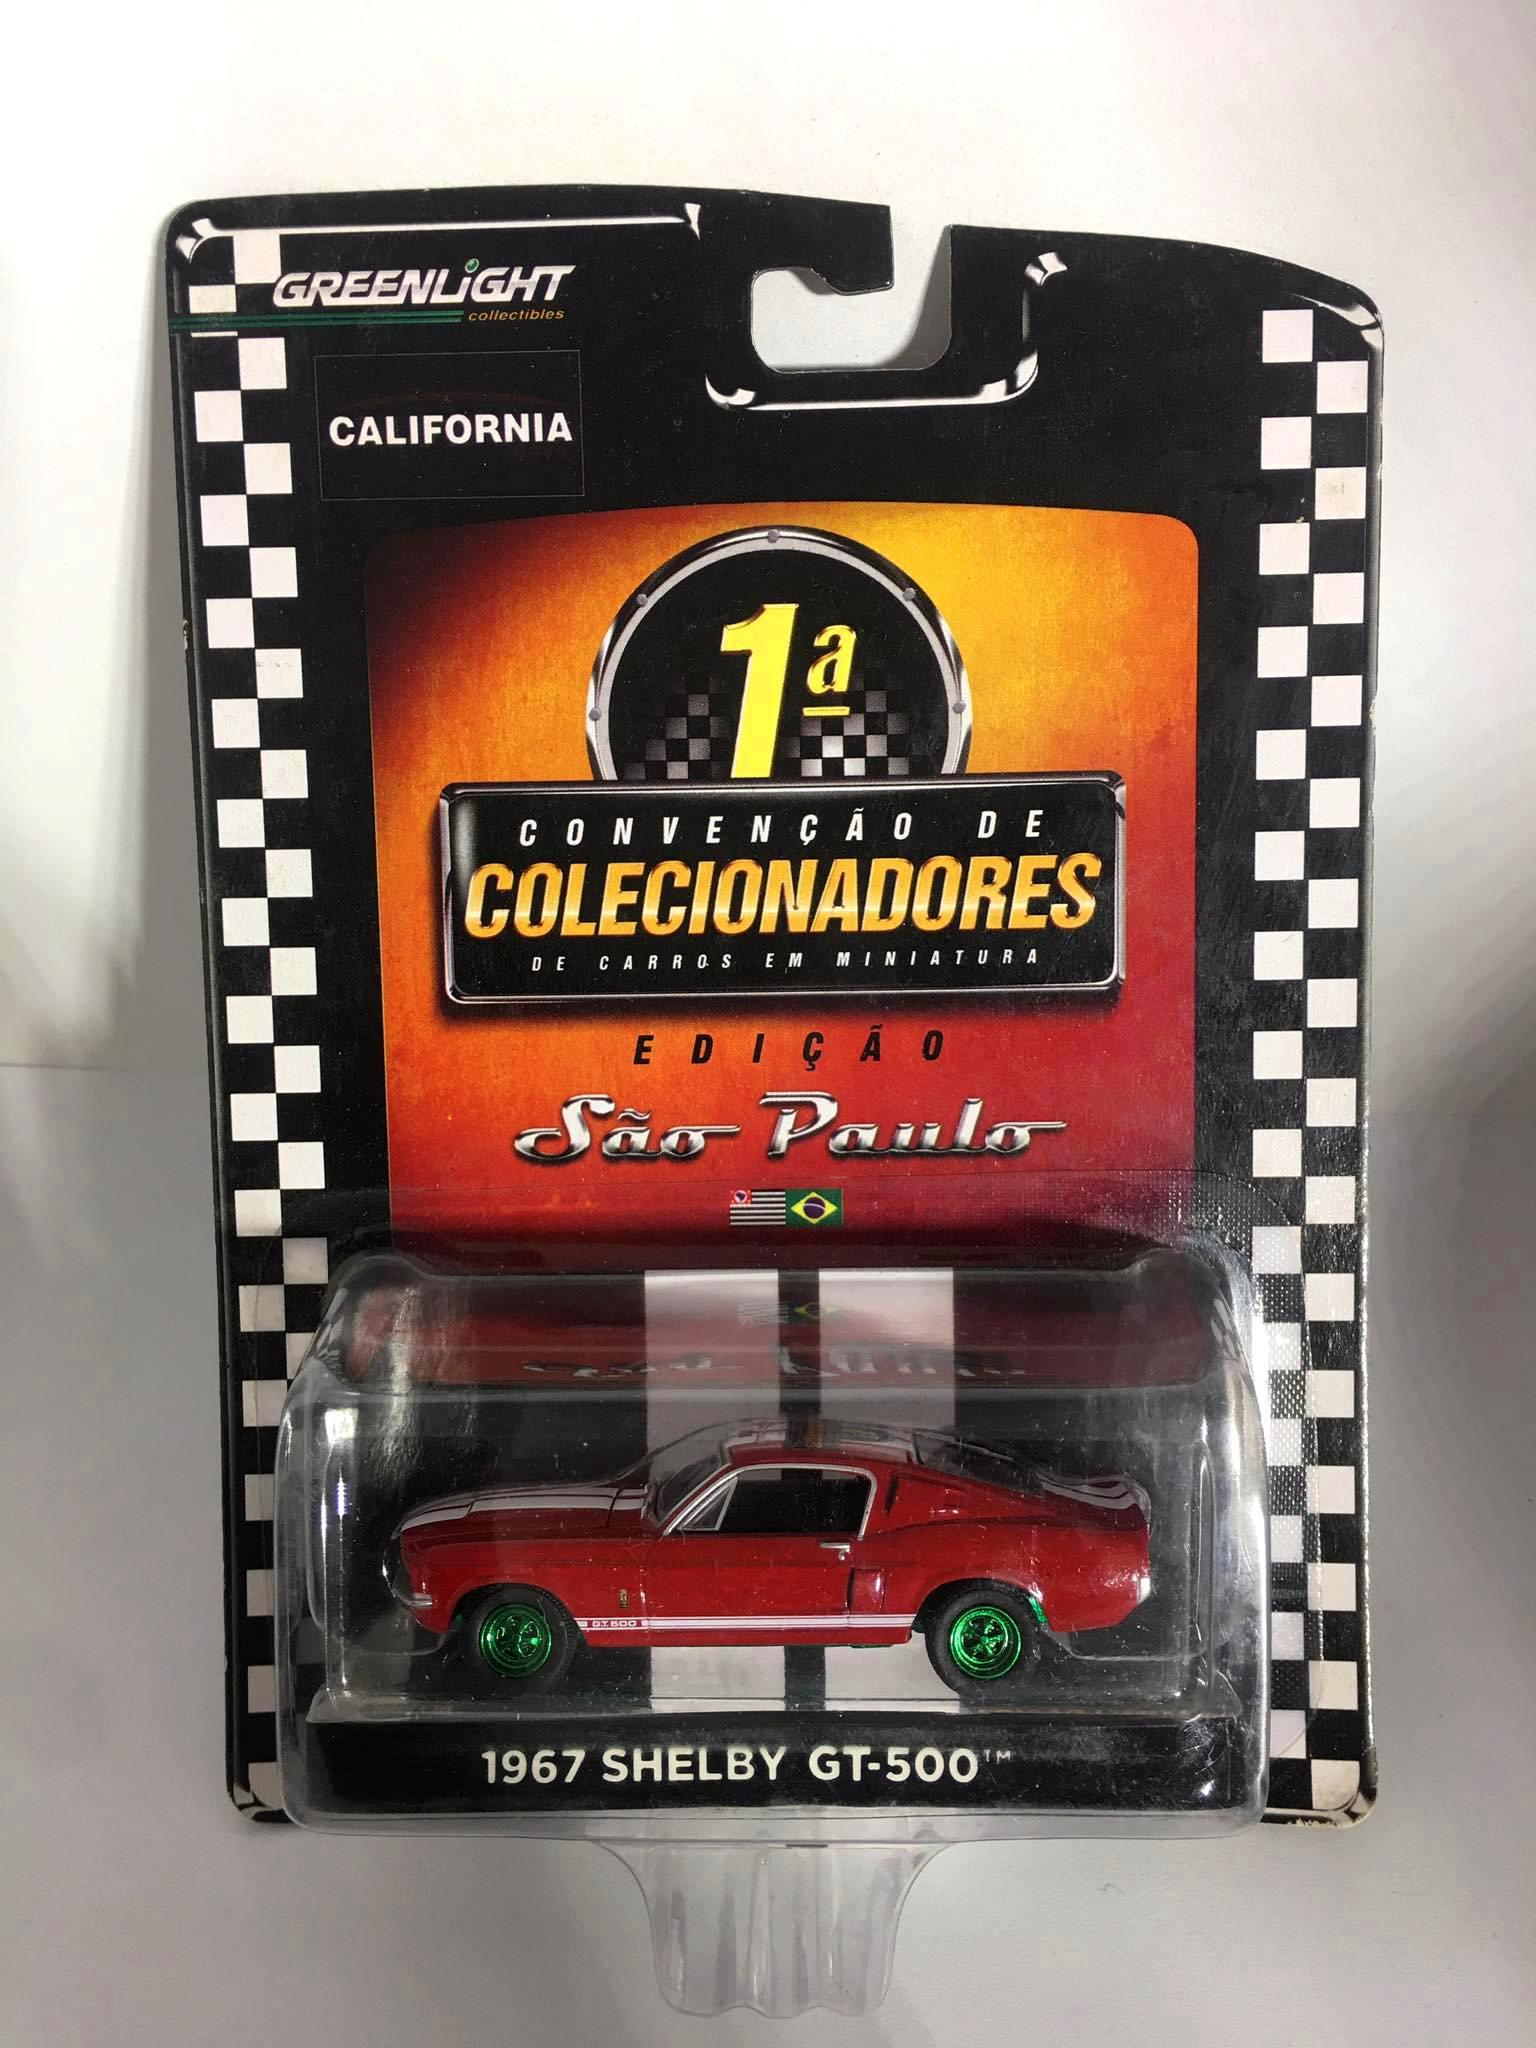 Greenlight - 1967 Shelby GT-500 Vermelho - 1 Convenção de Colecionadores de Carros em Miniaura - Edição São Paulo - GreenMachine